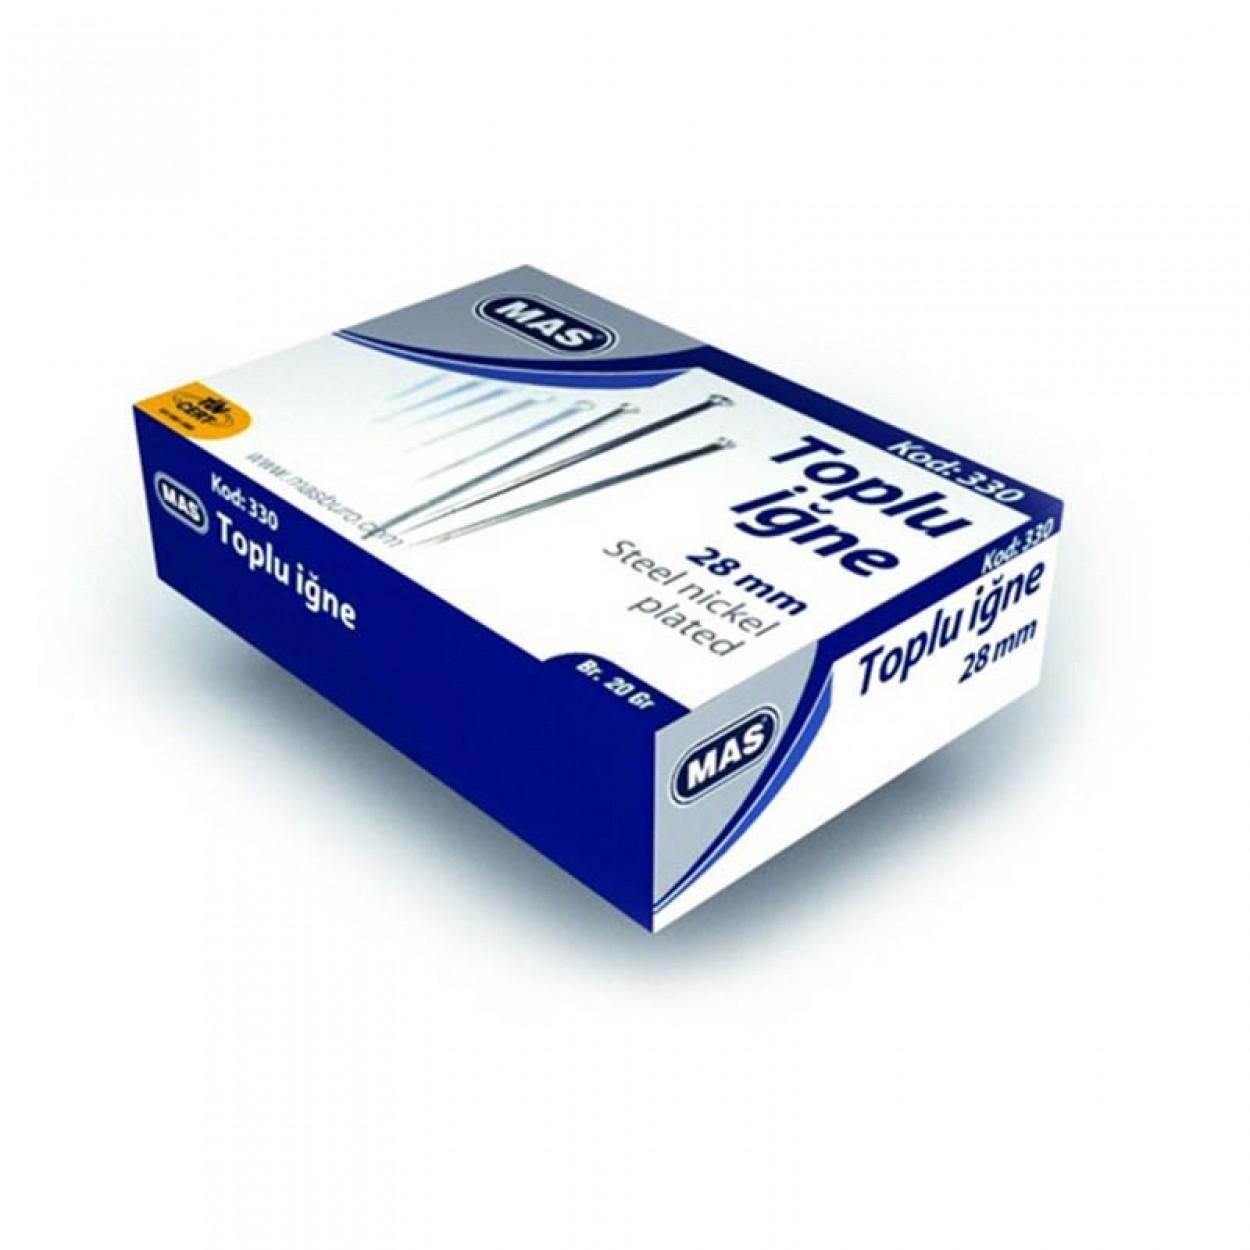 Mas Toplu İğne 20 gr.(Nikelli) 28mm.